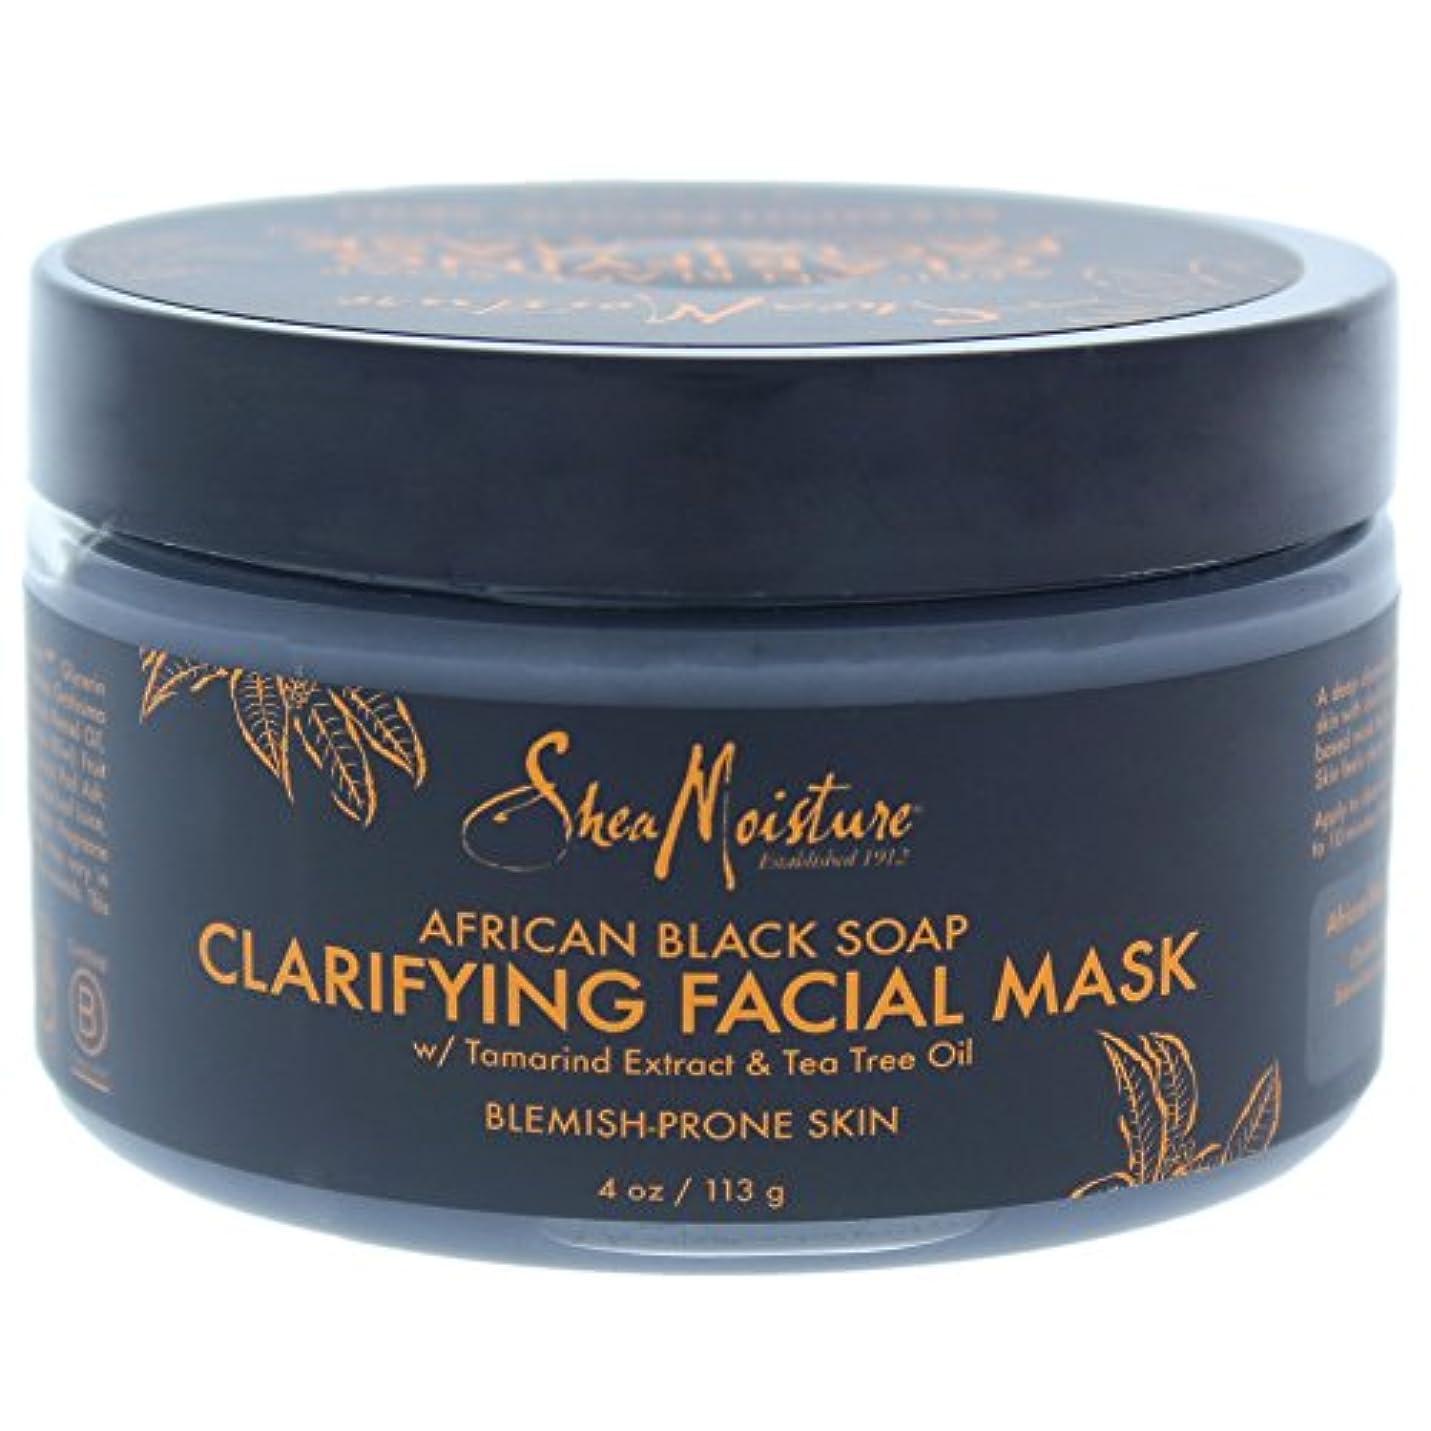 信者可聴する必要があるアフリカンブラックソープクラリファイジングフェイシャルマスク African Black Soap Clarifying Facial Mask